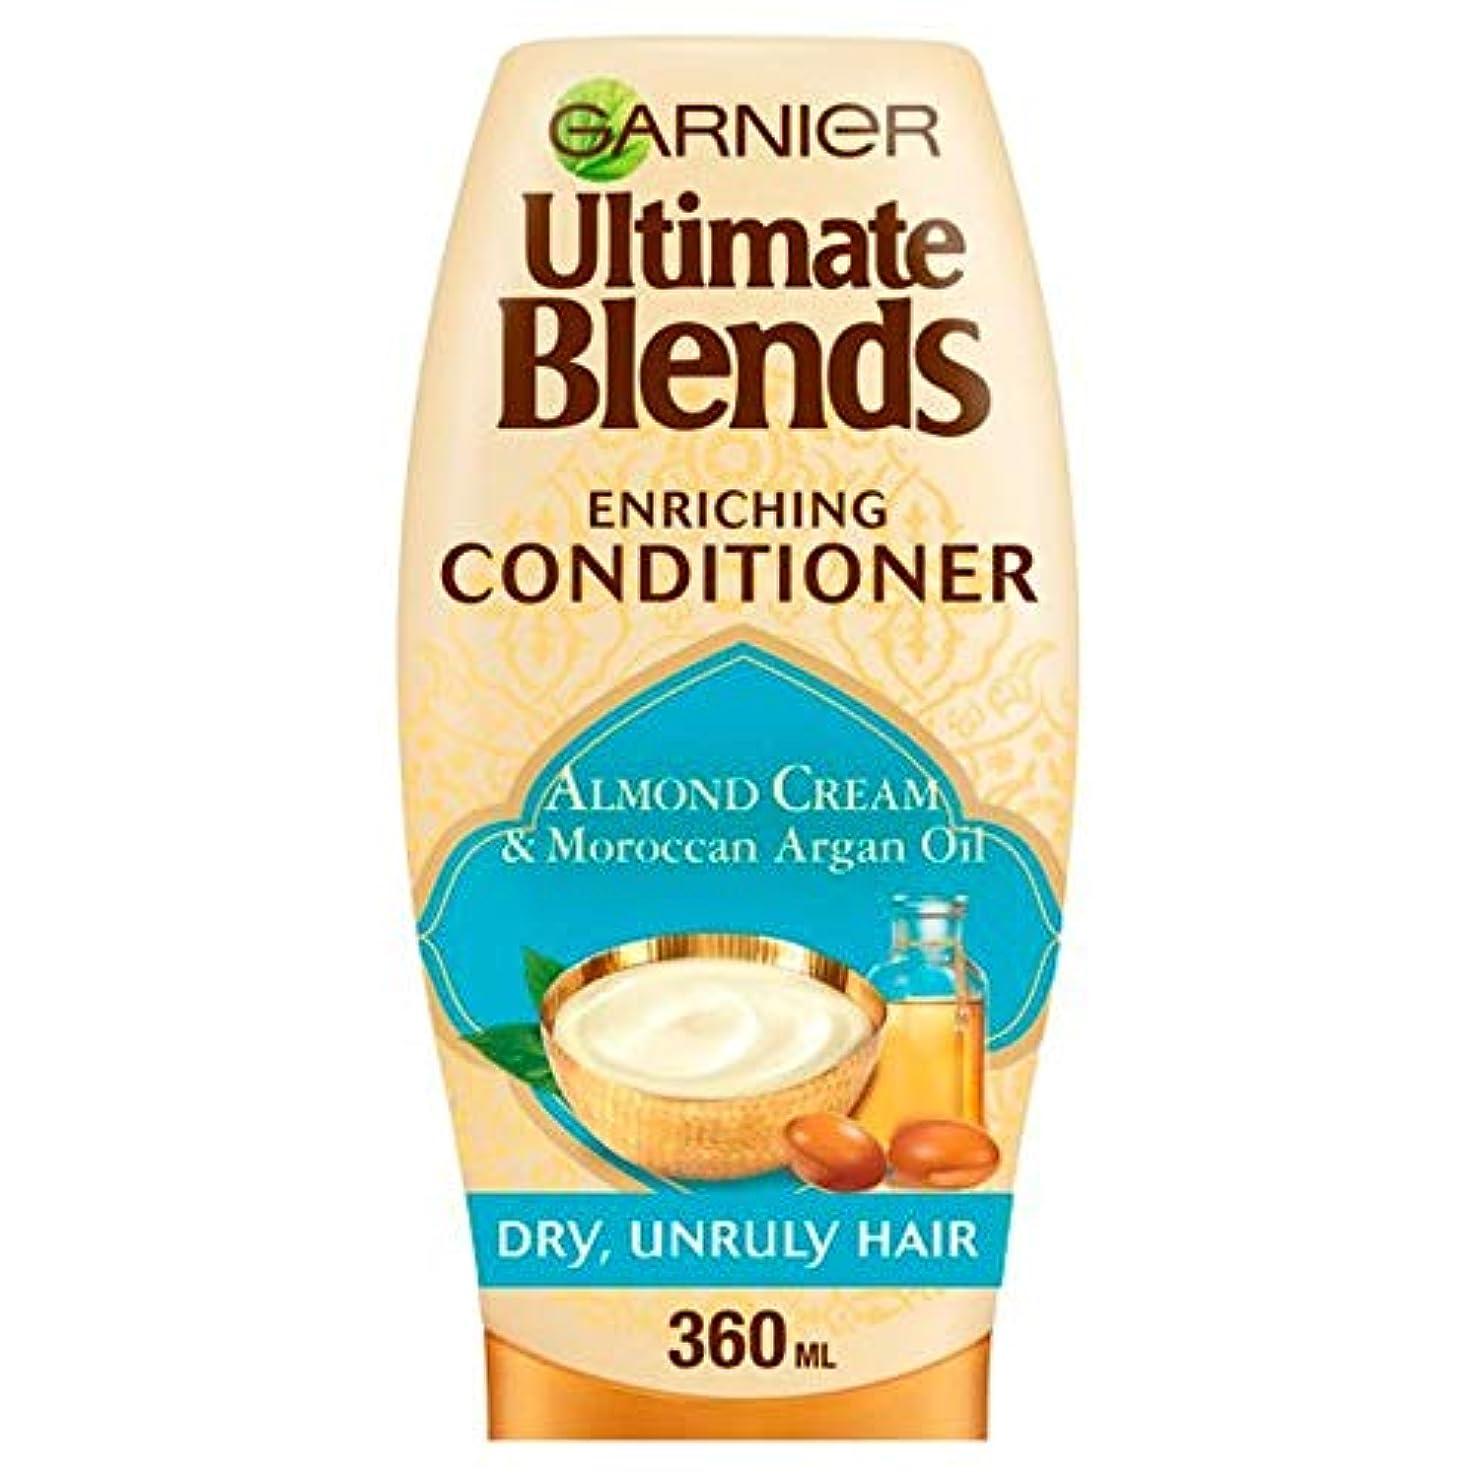 半球だますインテリア[Garnier ] Ga/究極ブレンドのArg/油及びアーモンドDr / Hrでコンディショナー360ミリリットルRを - Ga/R Ultimate Blends Arg/Oil And Almond Dr/Hr Conditioner...